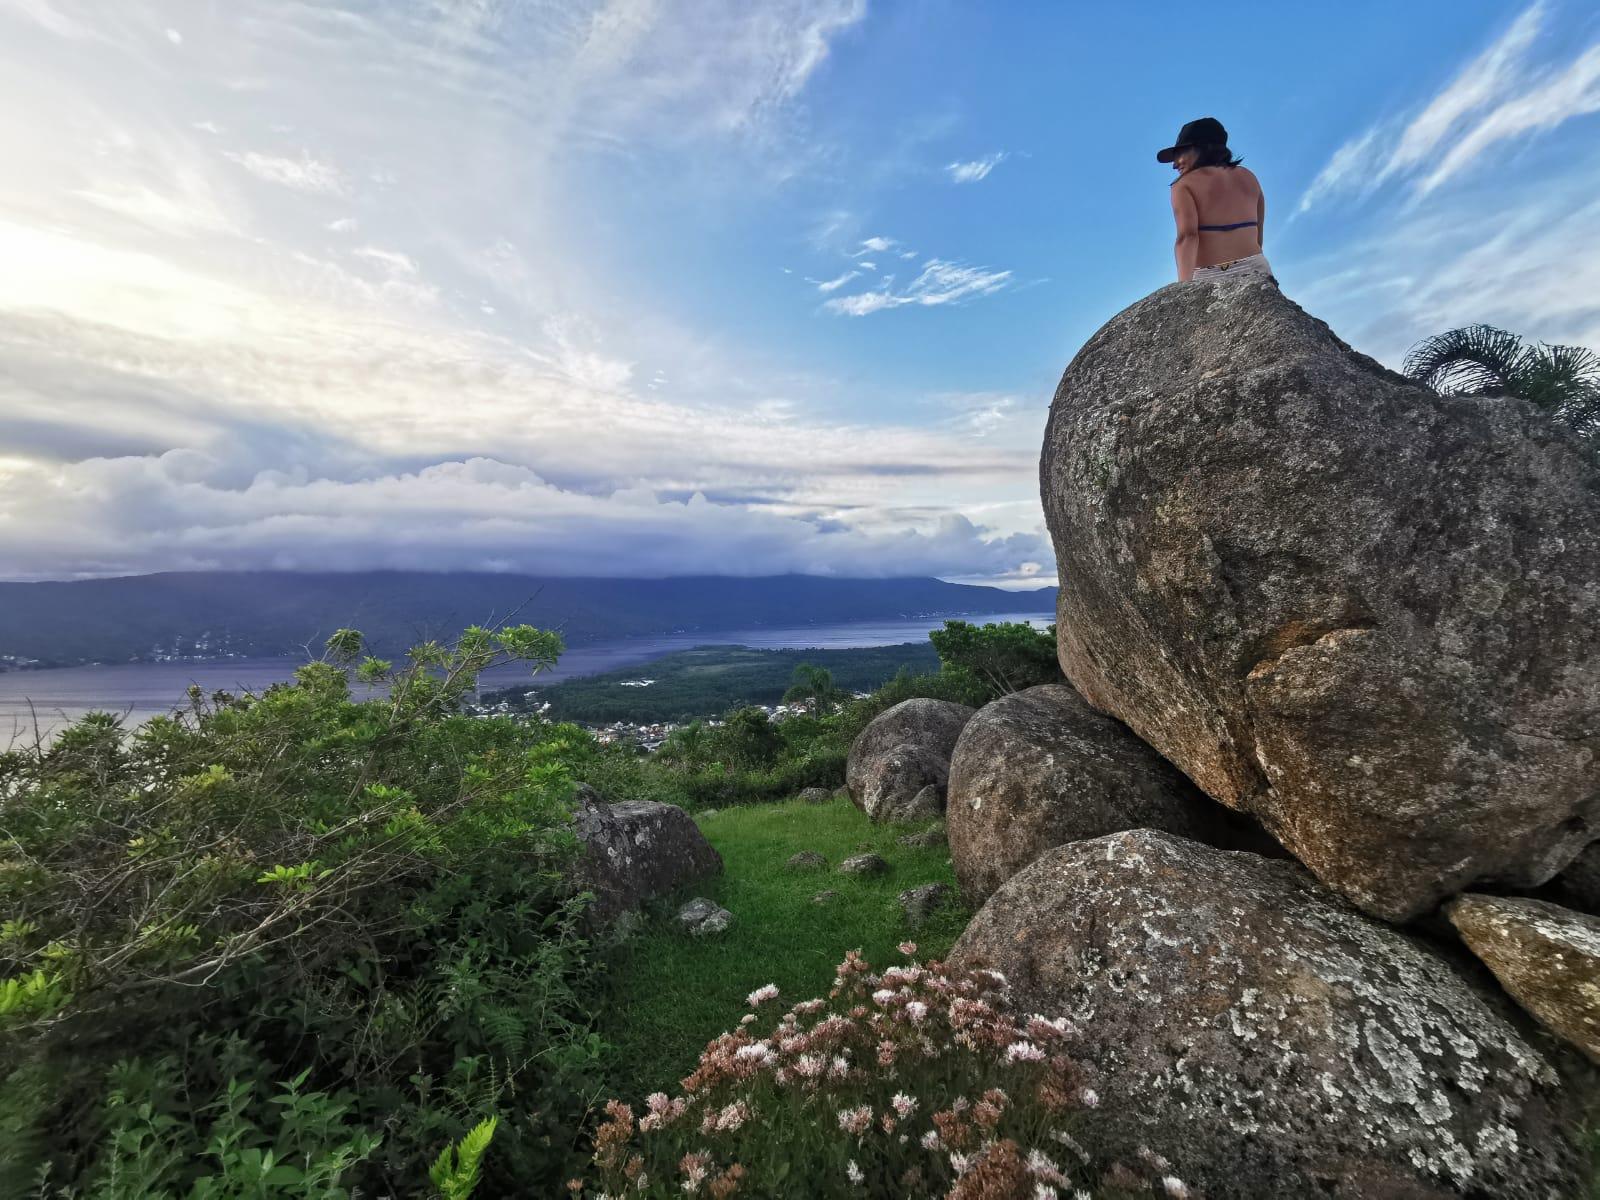 21 trilhas em Florianópolis para você desbravar a natureza da cidade